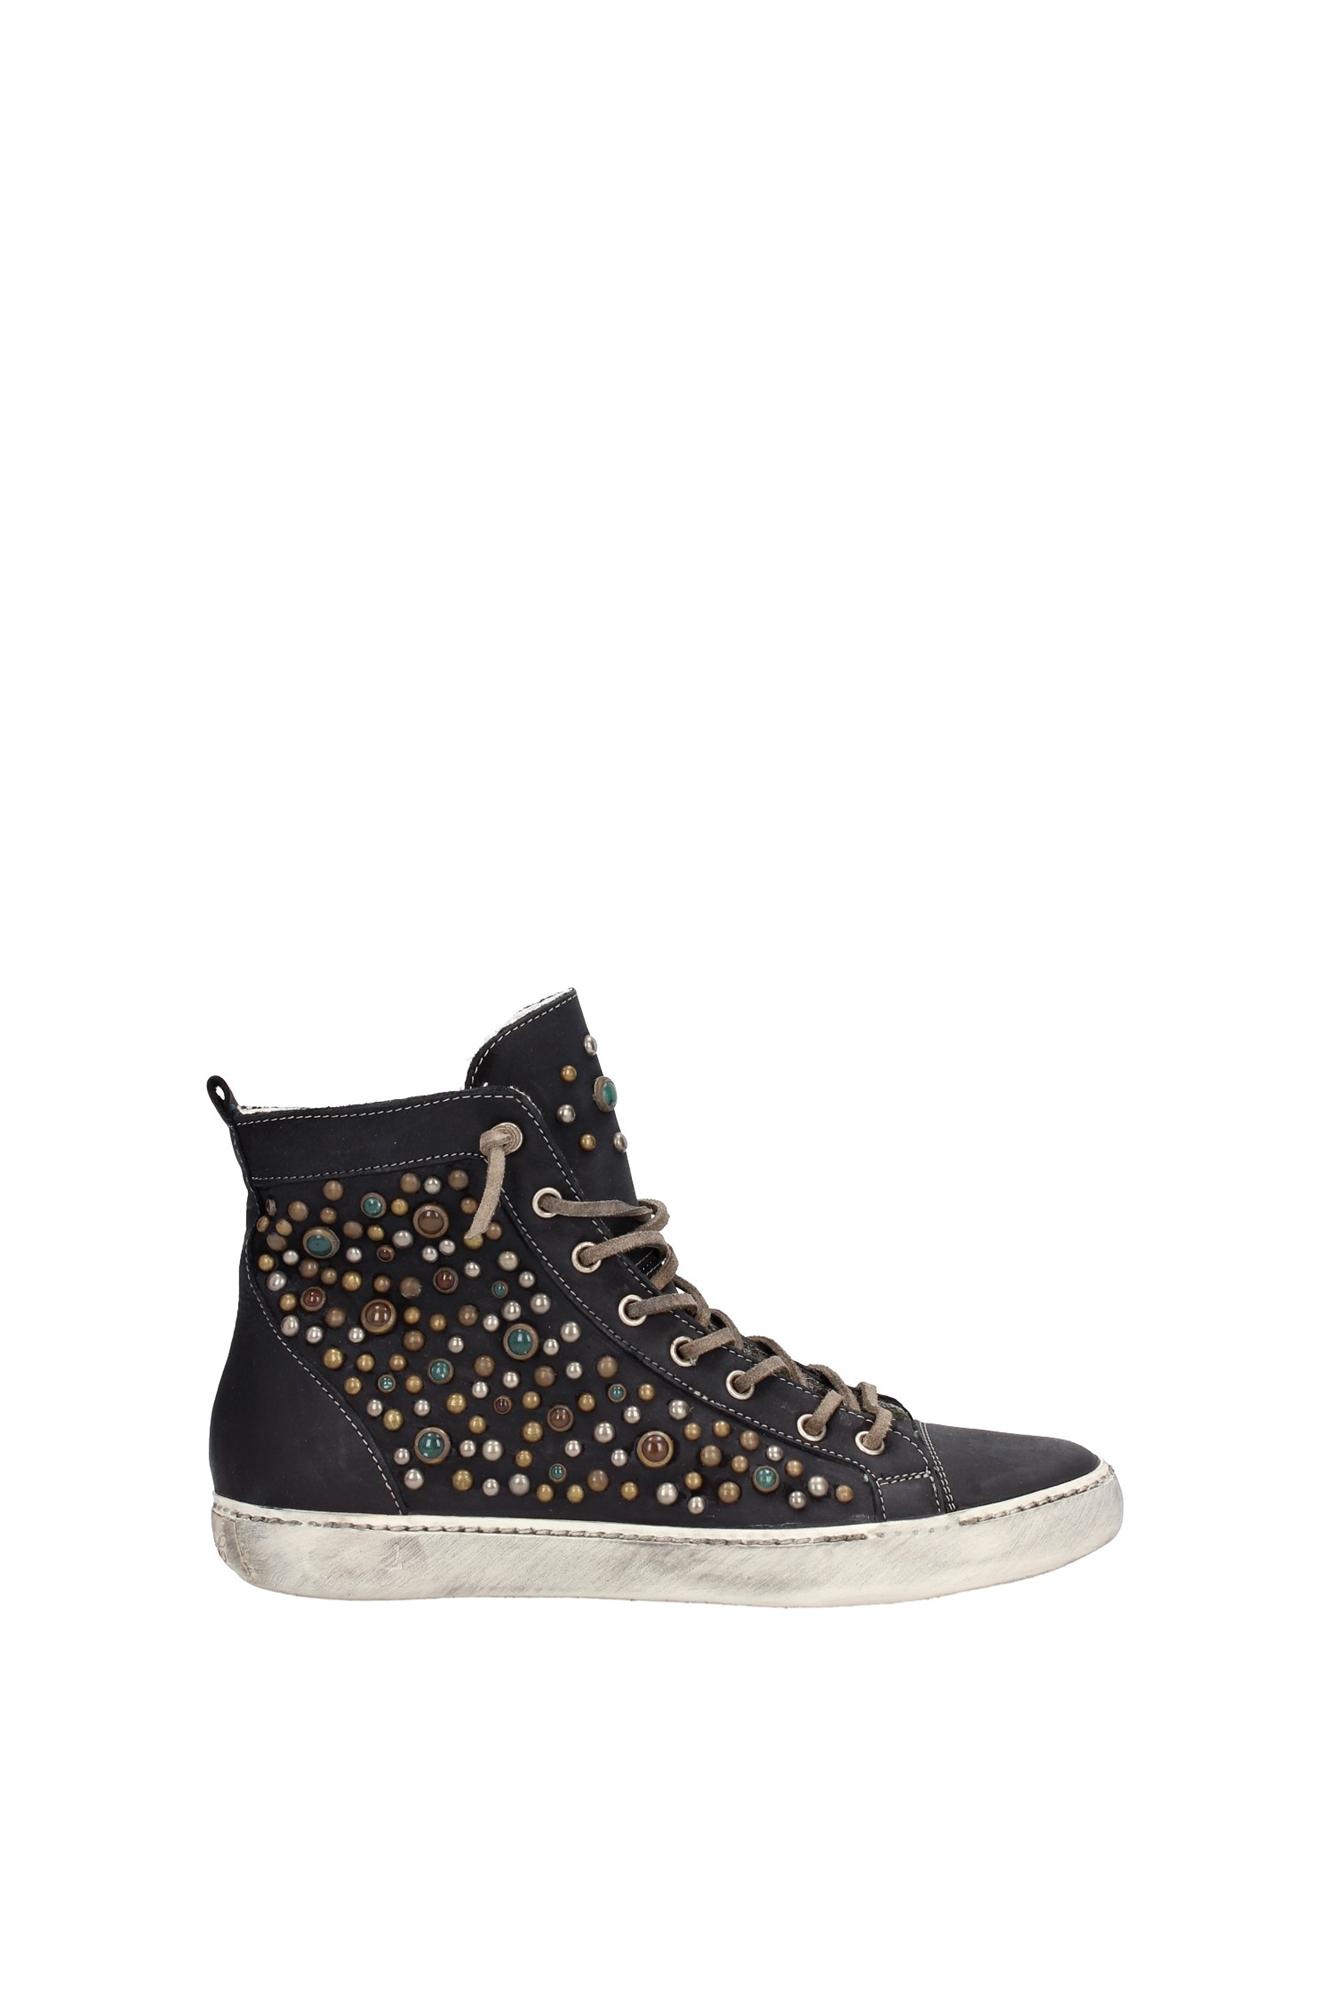 sneakers leather crown damen leder schwarz w160black ebay. Black Bedroom Furniture Sets. Home Design Ideas